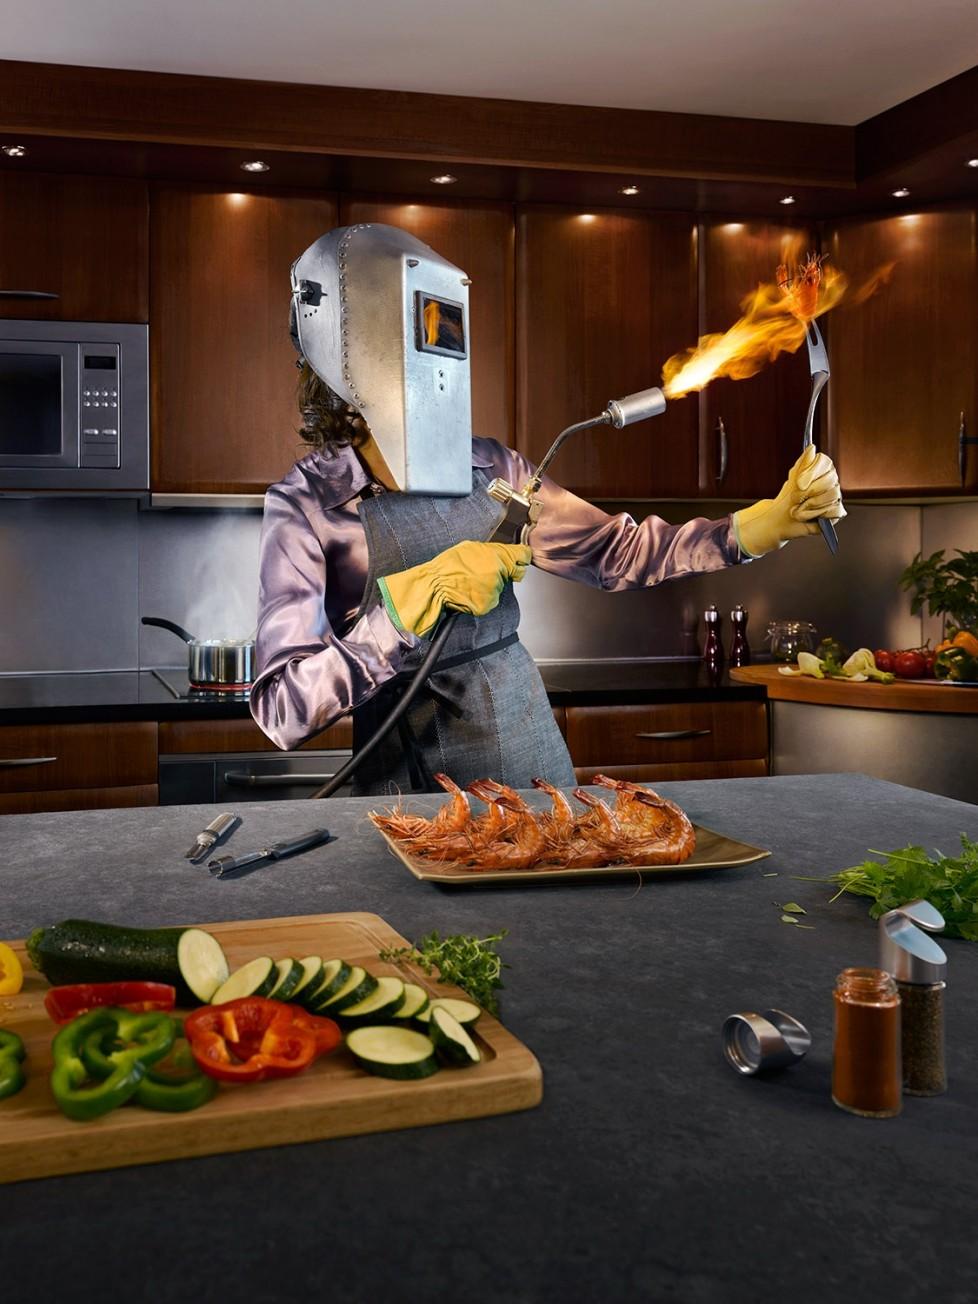 Жабой, картинки на кухню смешные